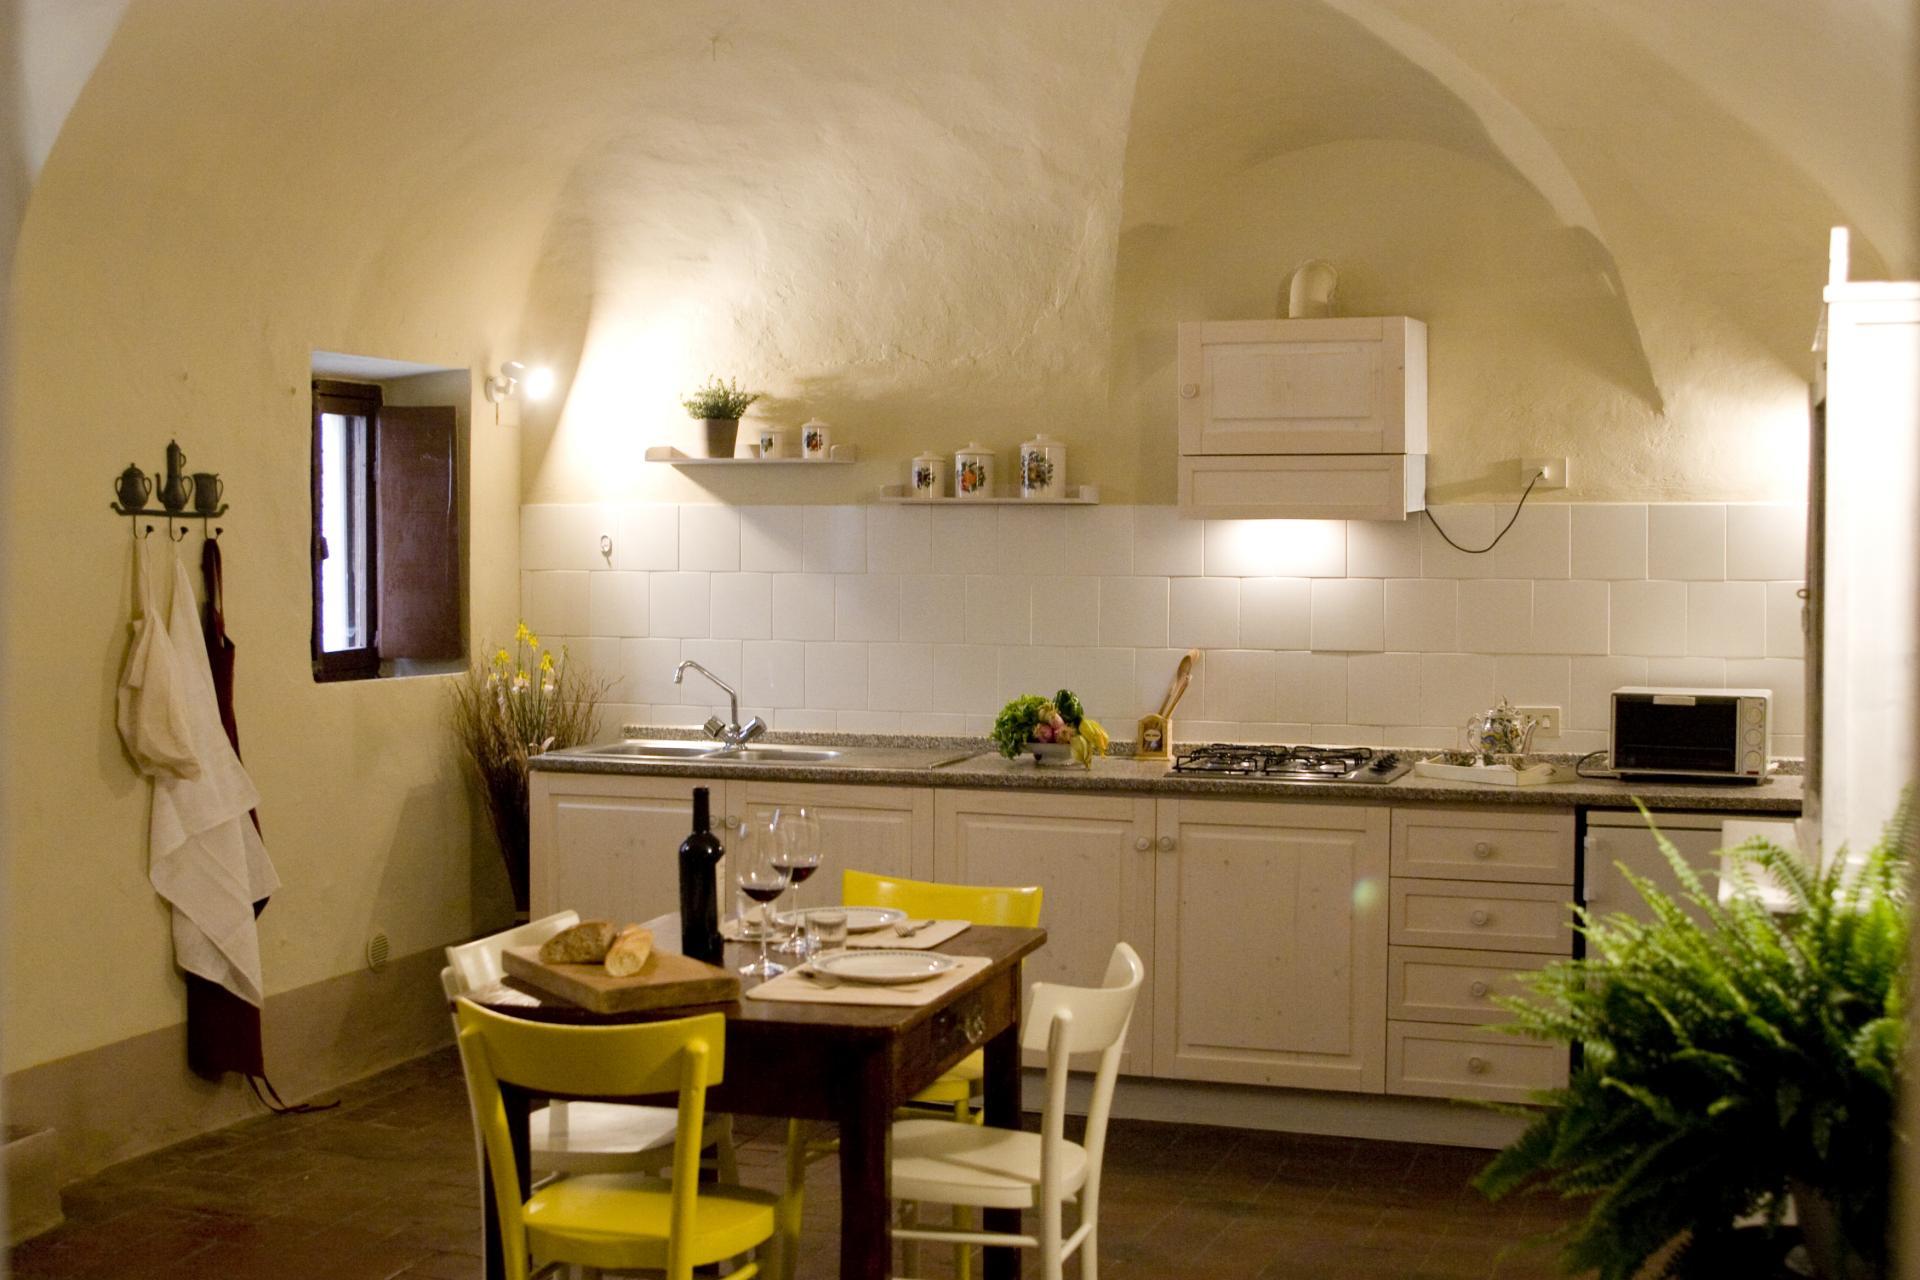 Keuken Met Zithoekje : De ruime gerenoveerde appartementen hebben hun originele stijl